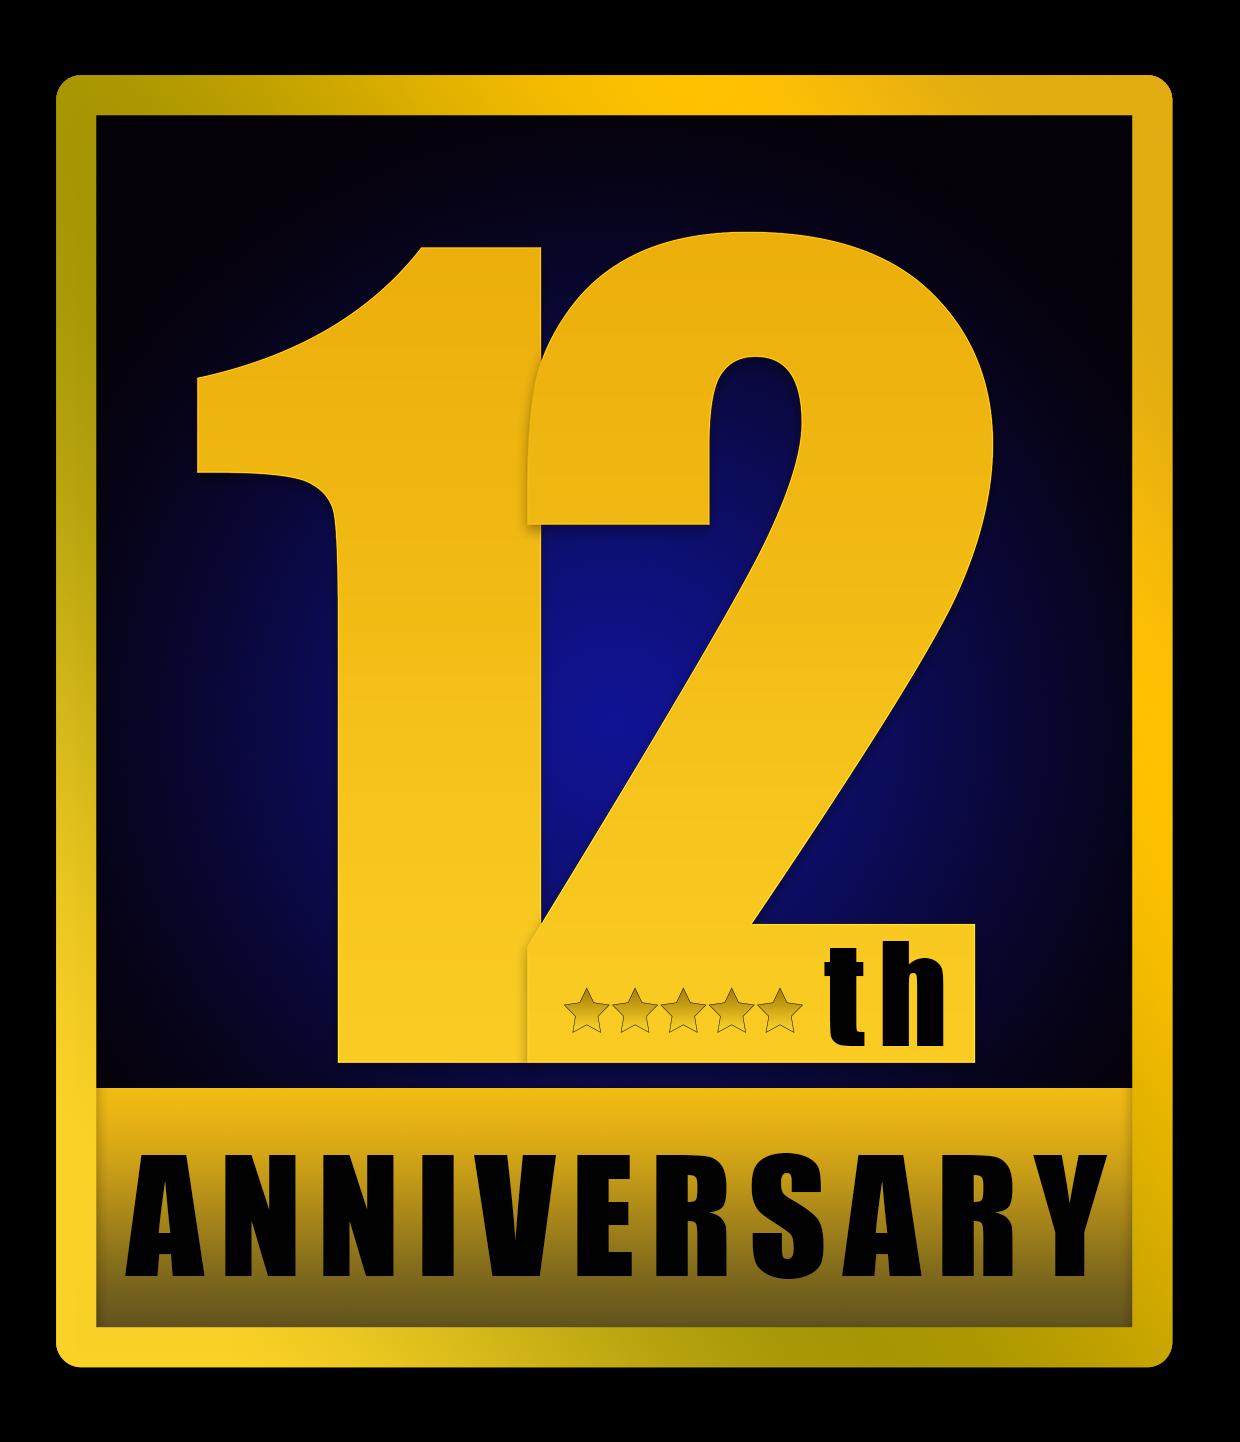 12 years anniversary 2021